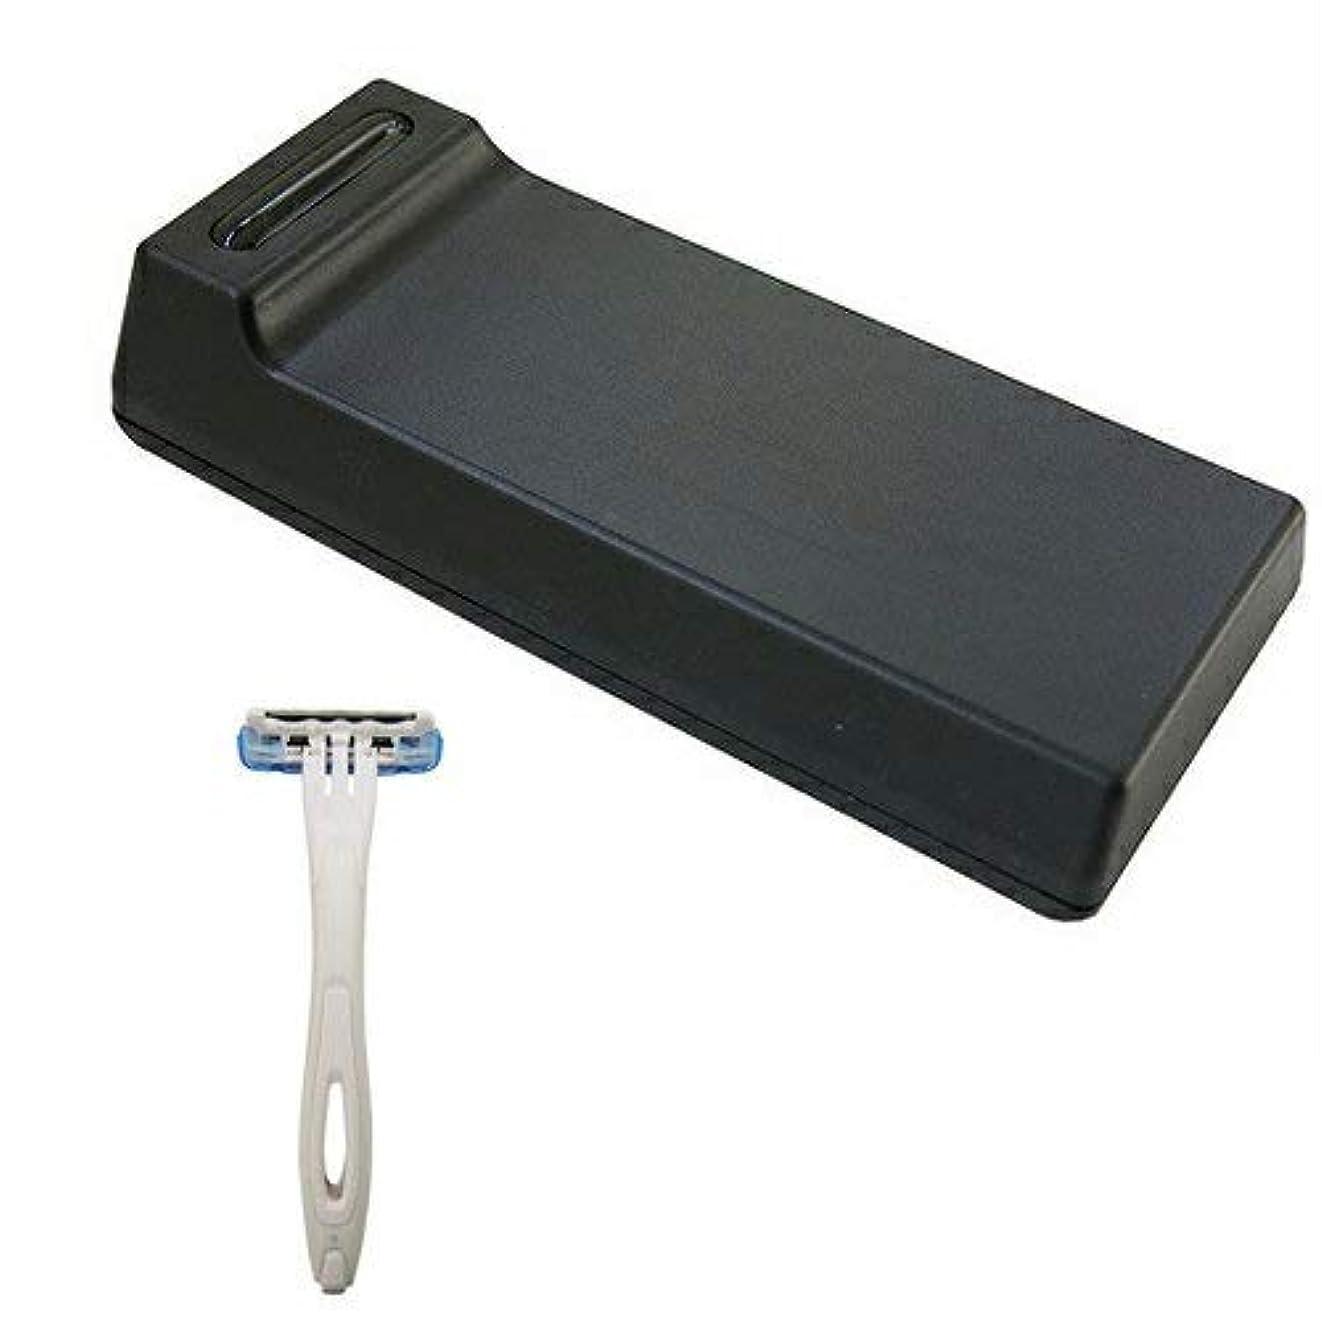 使用法ビュッフェスキルCannelle カミソリ刃クリーナー BladeTech ブレードテック + 貝印 使い捨てカミソリ3枚刃